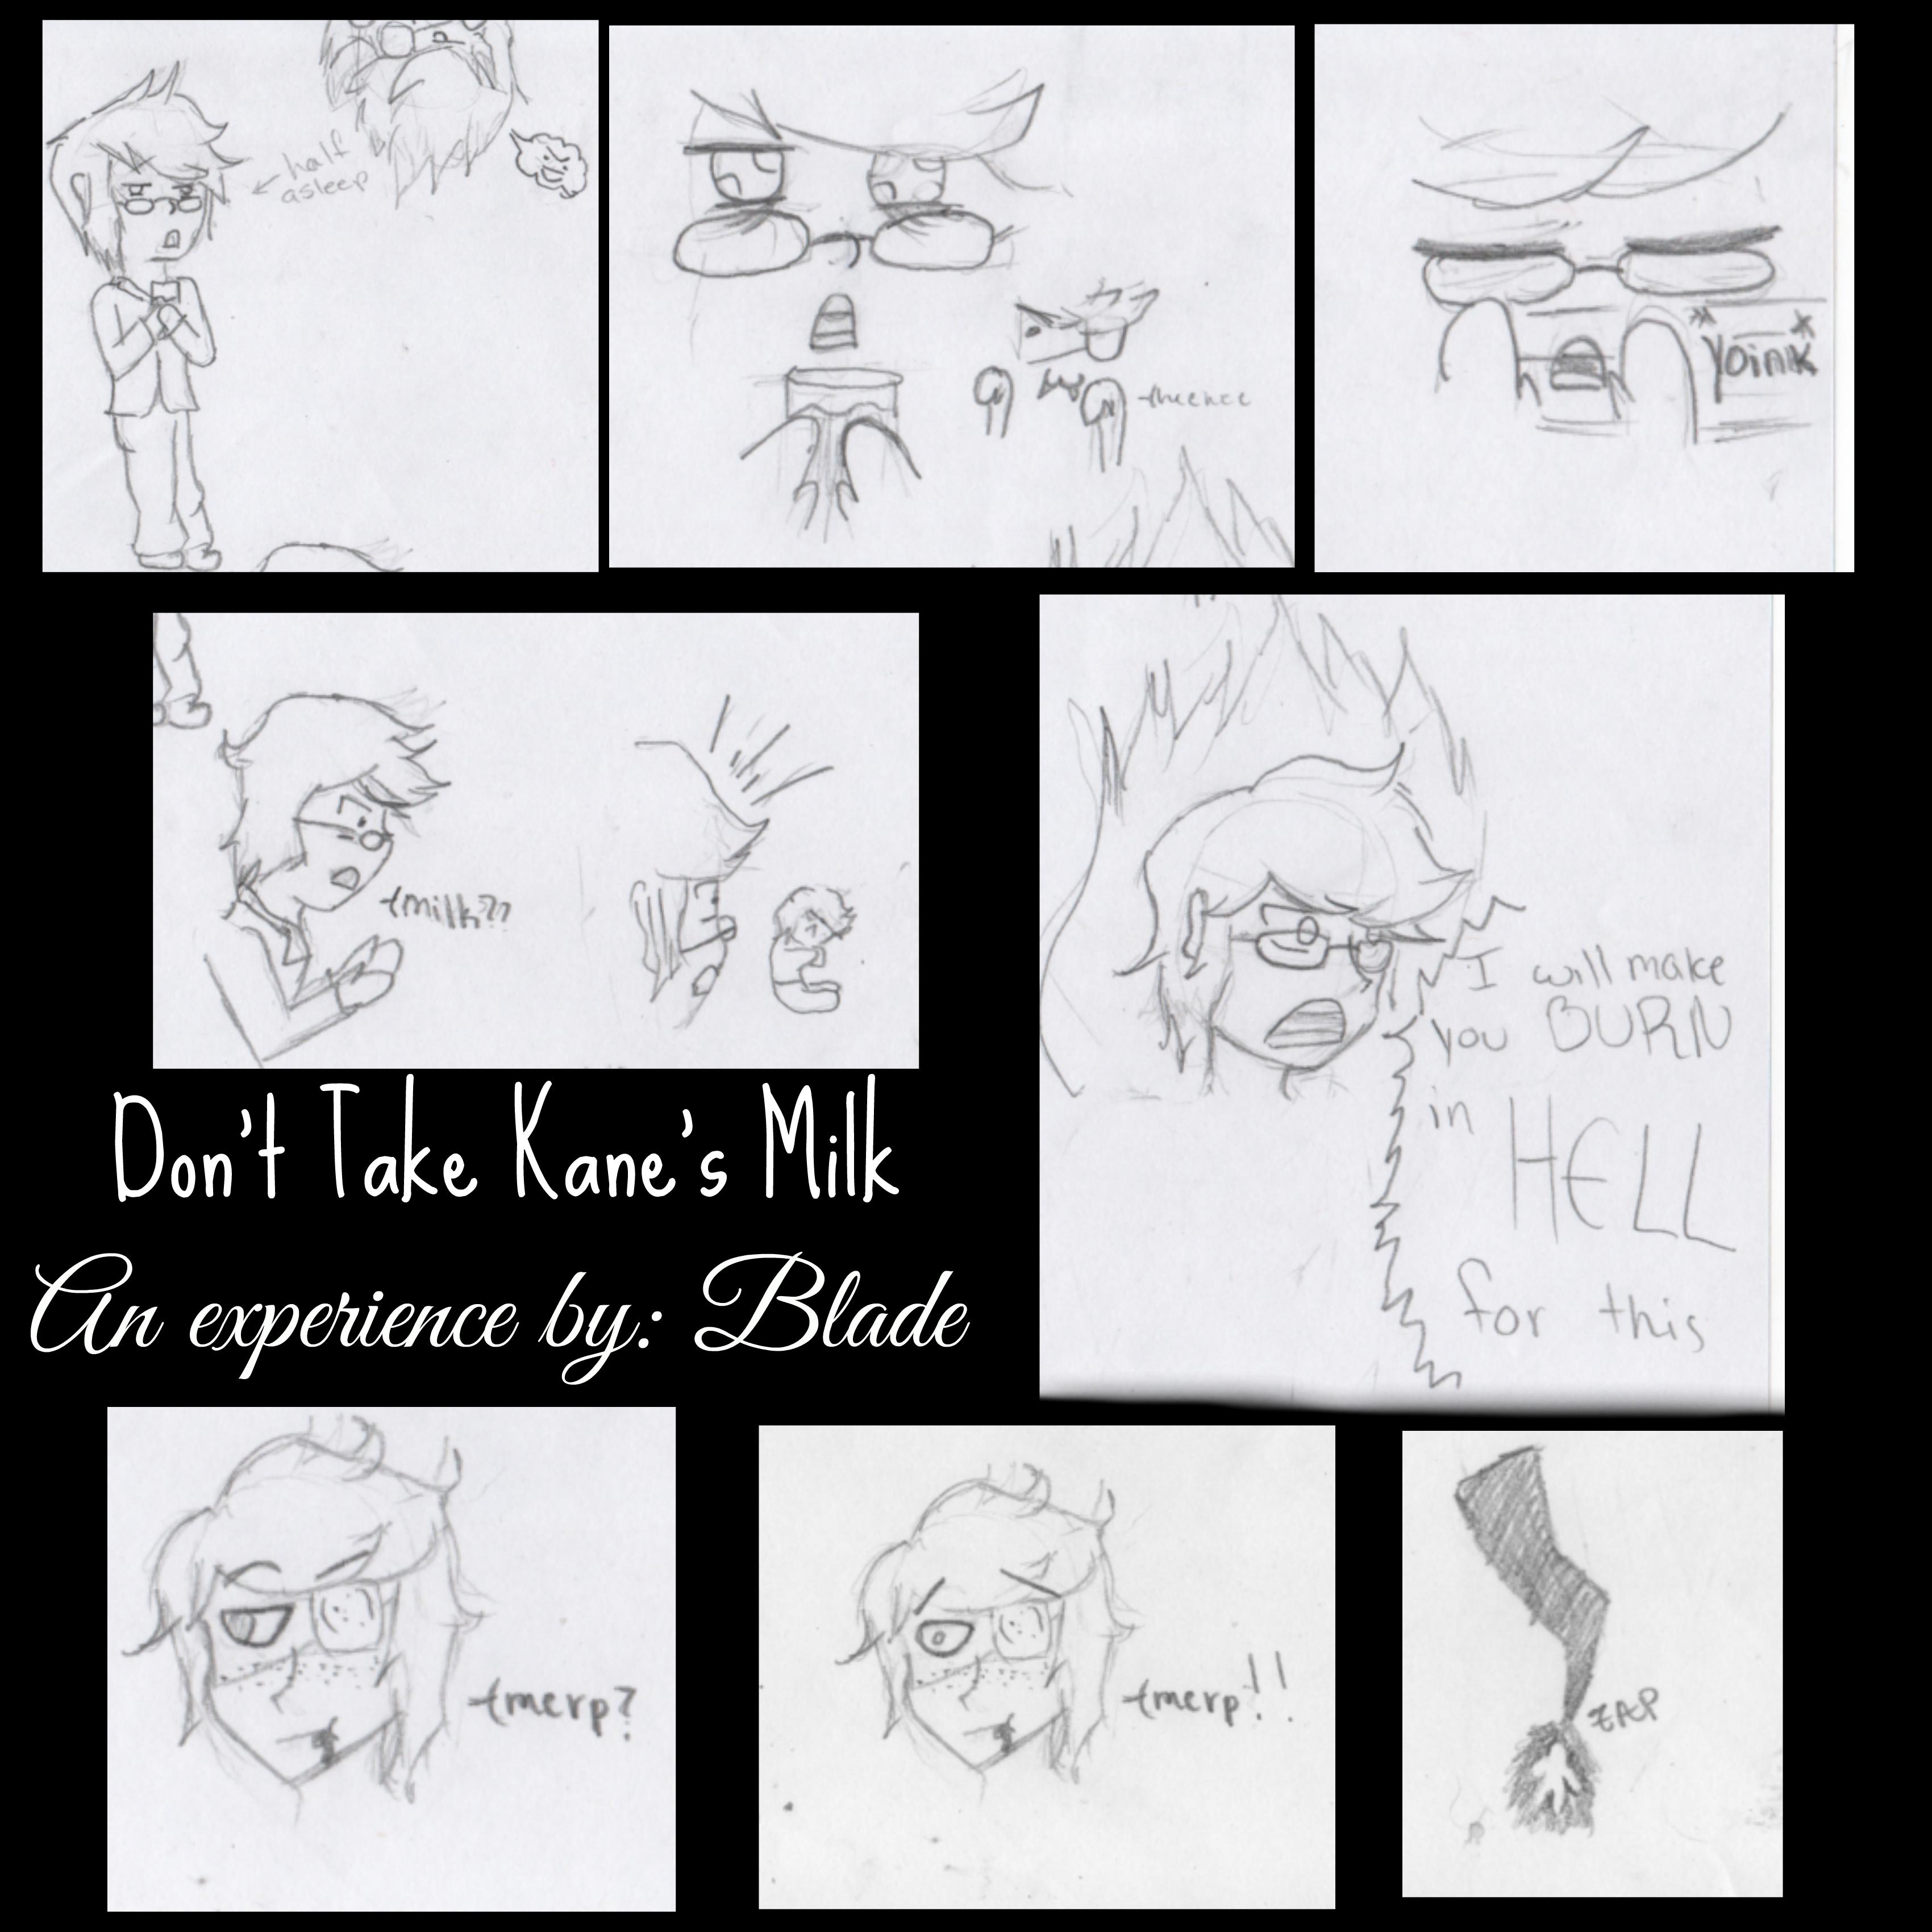 Don't Take Kane's Milk